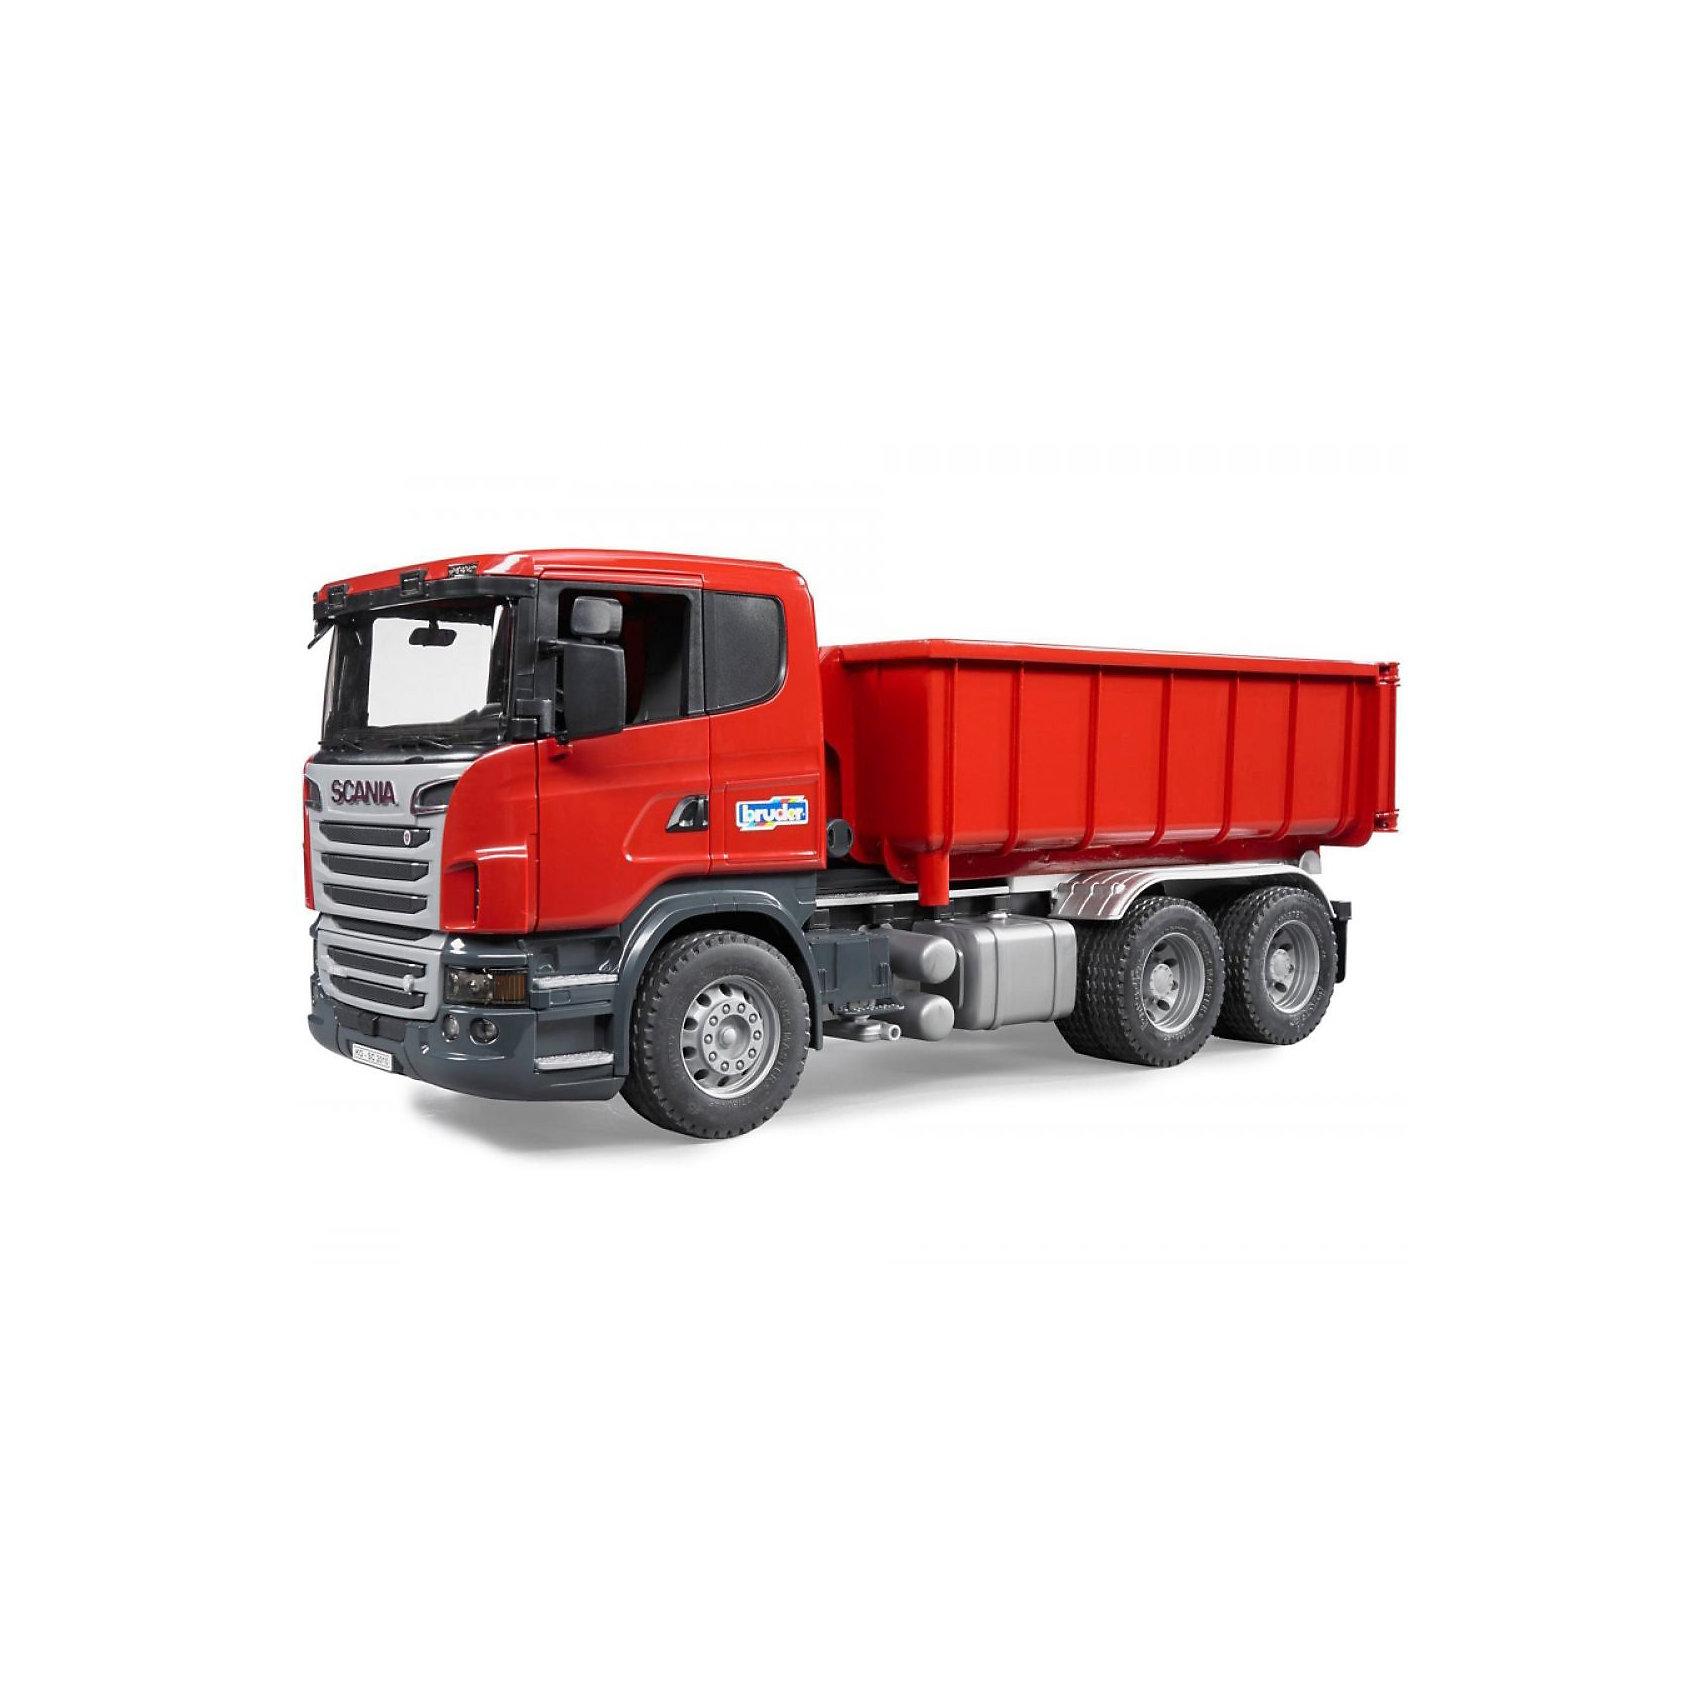 Bruder Самосвал-контейнеровоз Scania, Bruder хочу машину б у в москве мультилифт авито ру